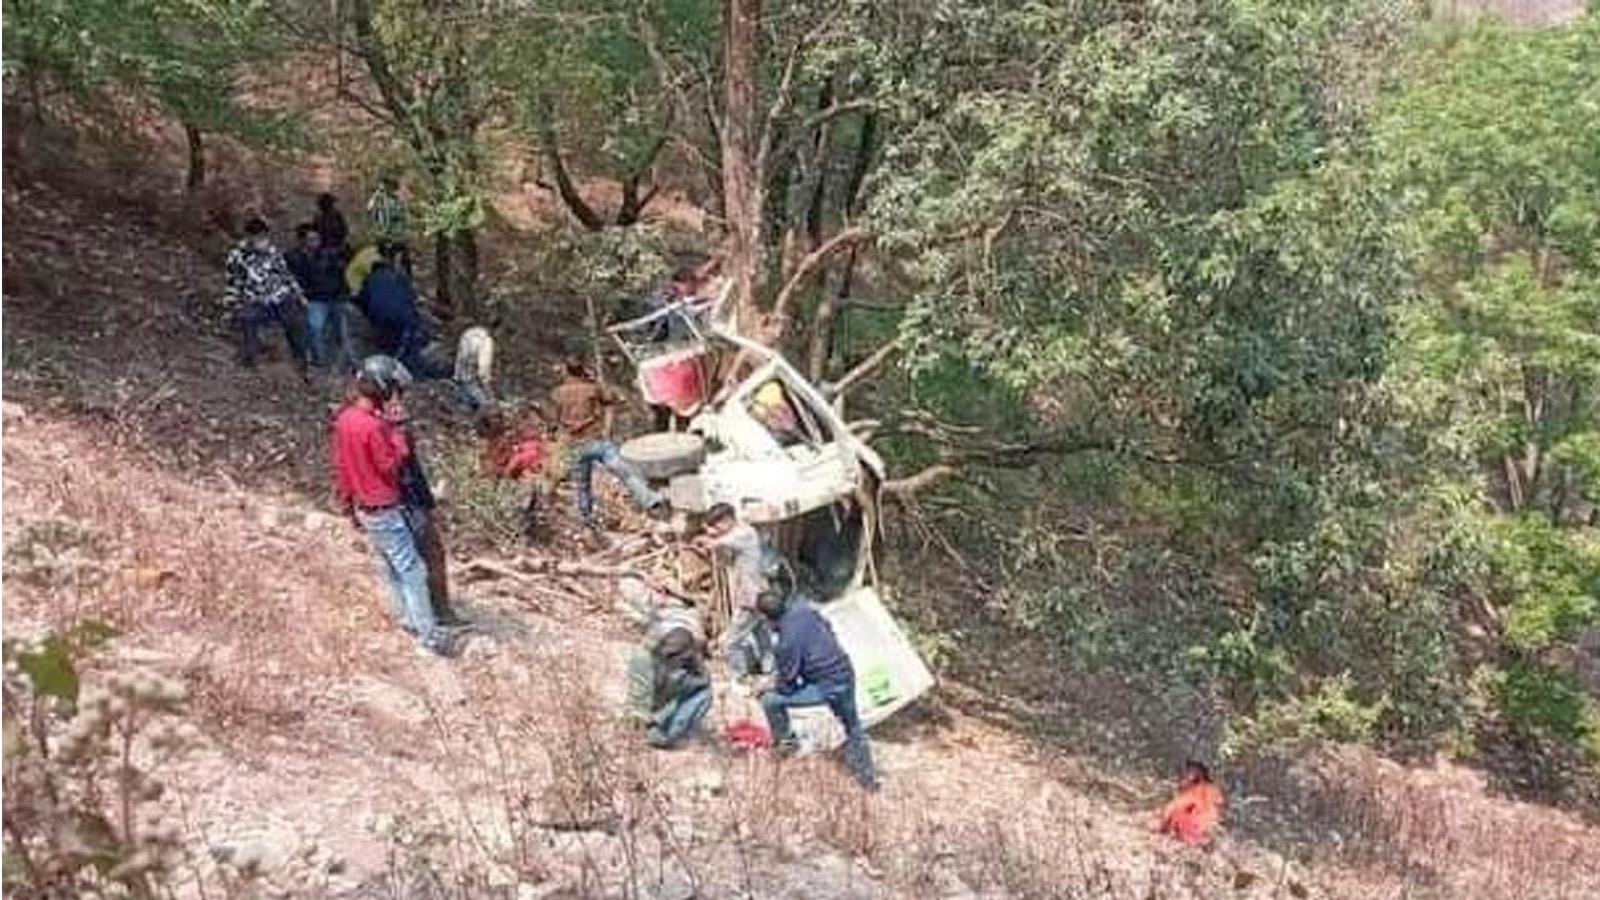 स्वर्गद्वारी दुर्घटनाका ६ जना घाईतेलाई उपचारका लागि काठमाण्डौं ल्याईयो